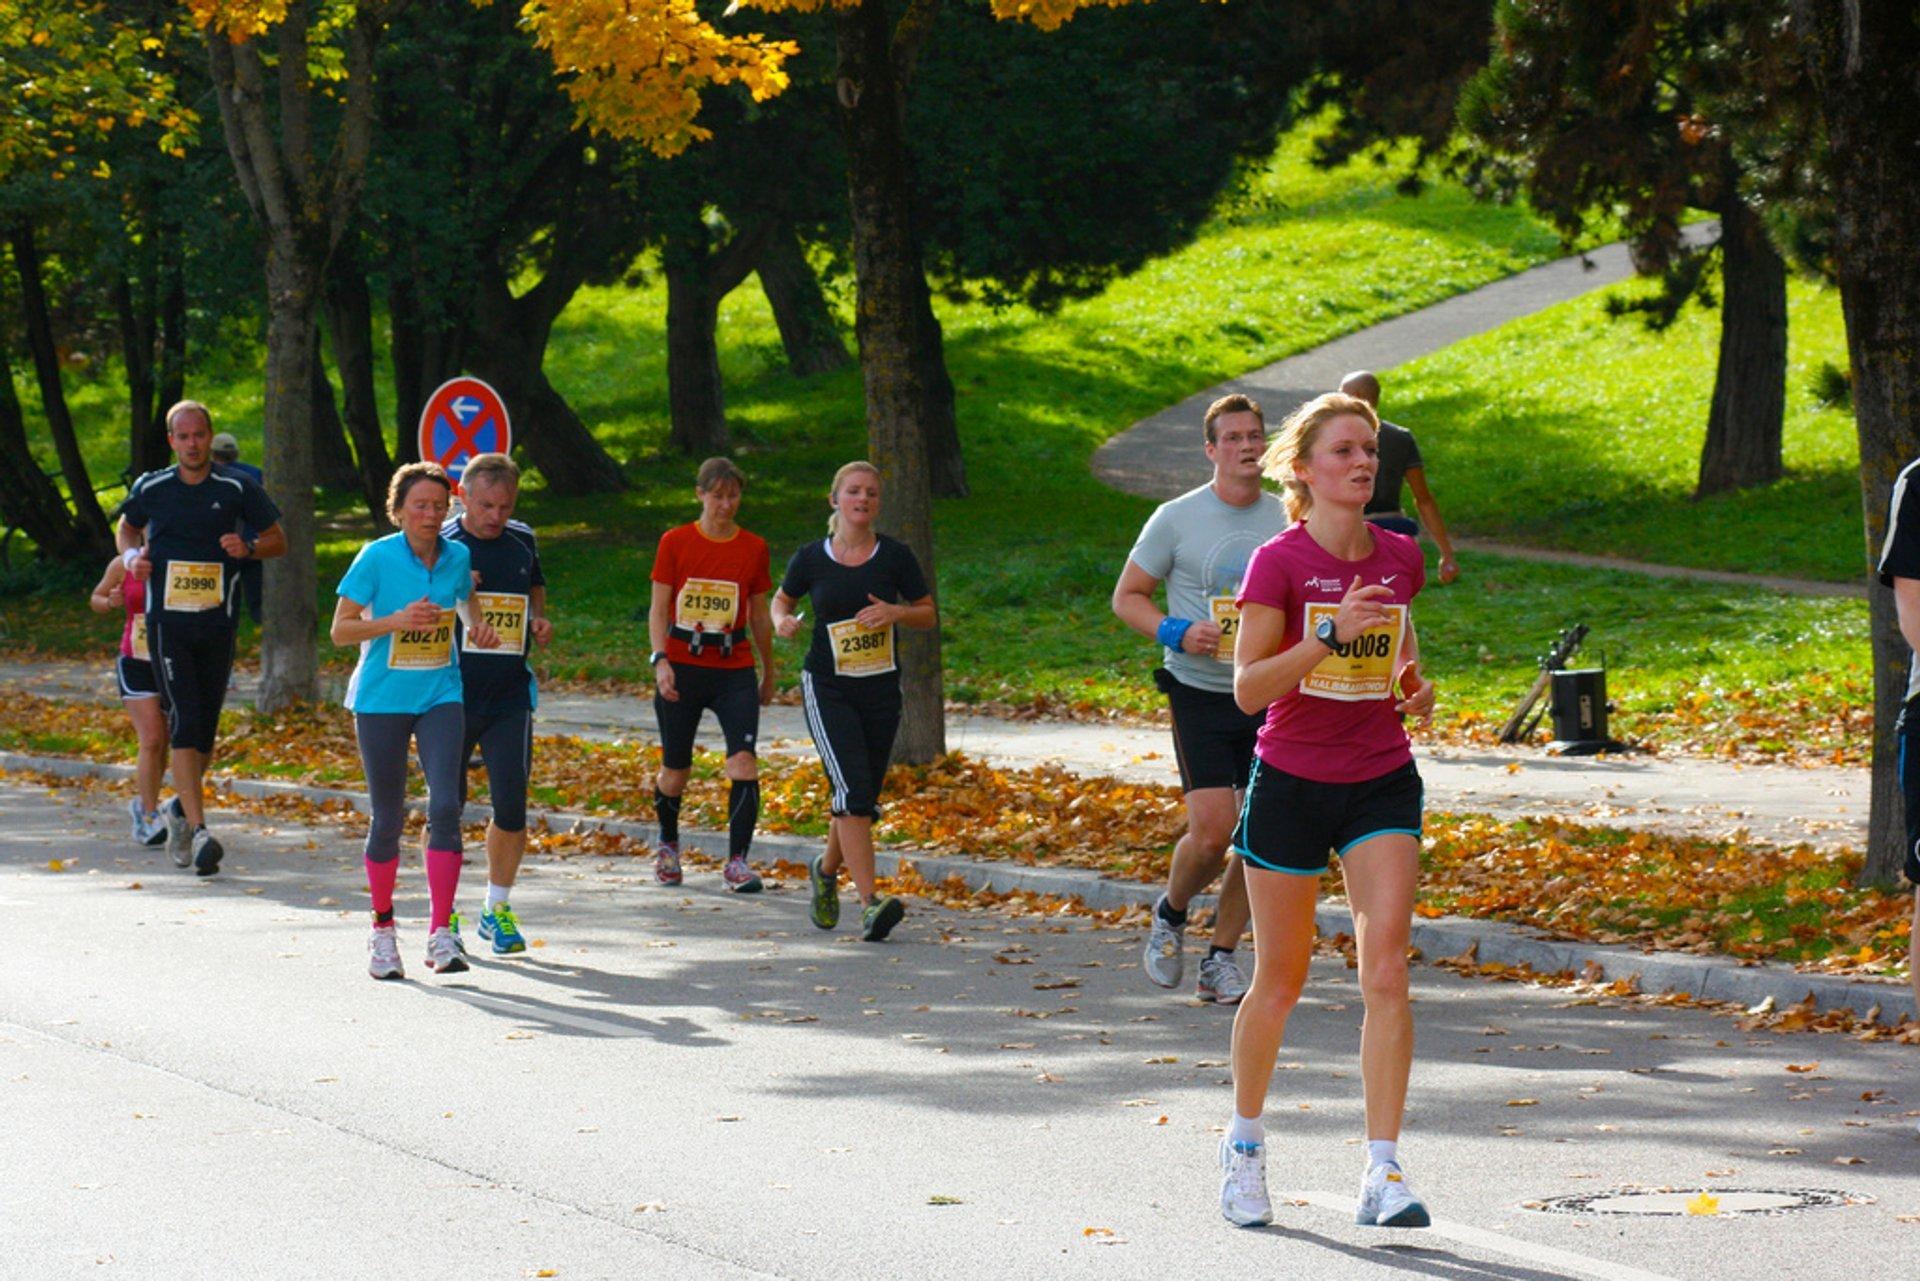 Munich Marathon in Munich - Best Season 2020